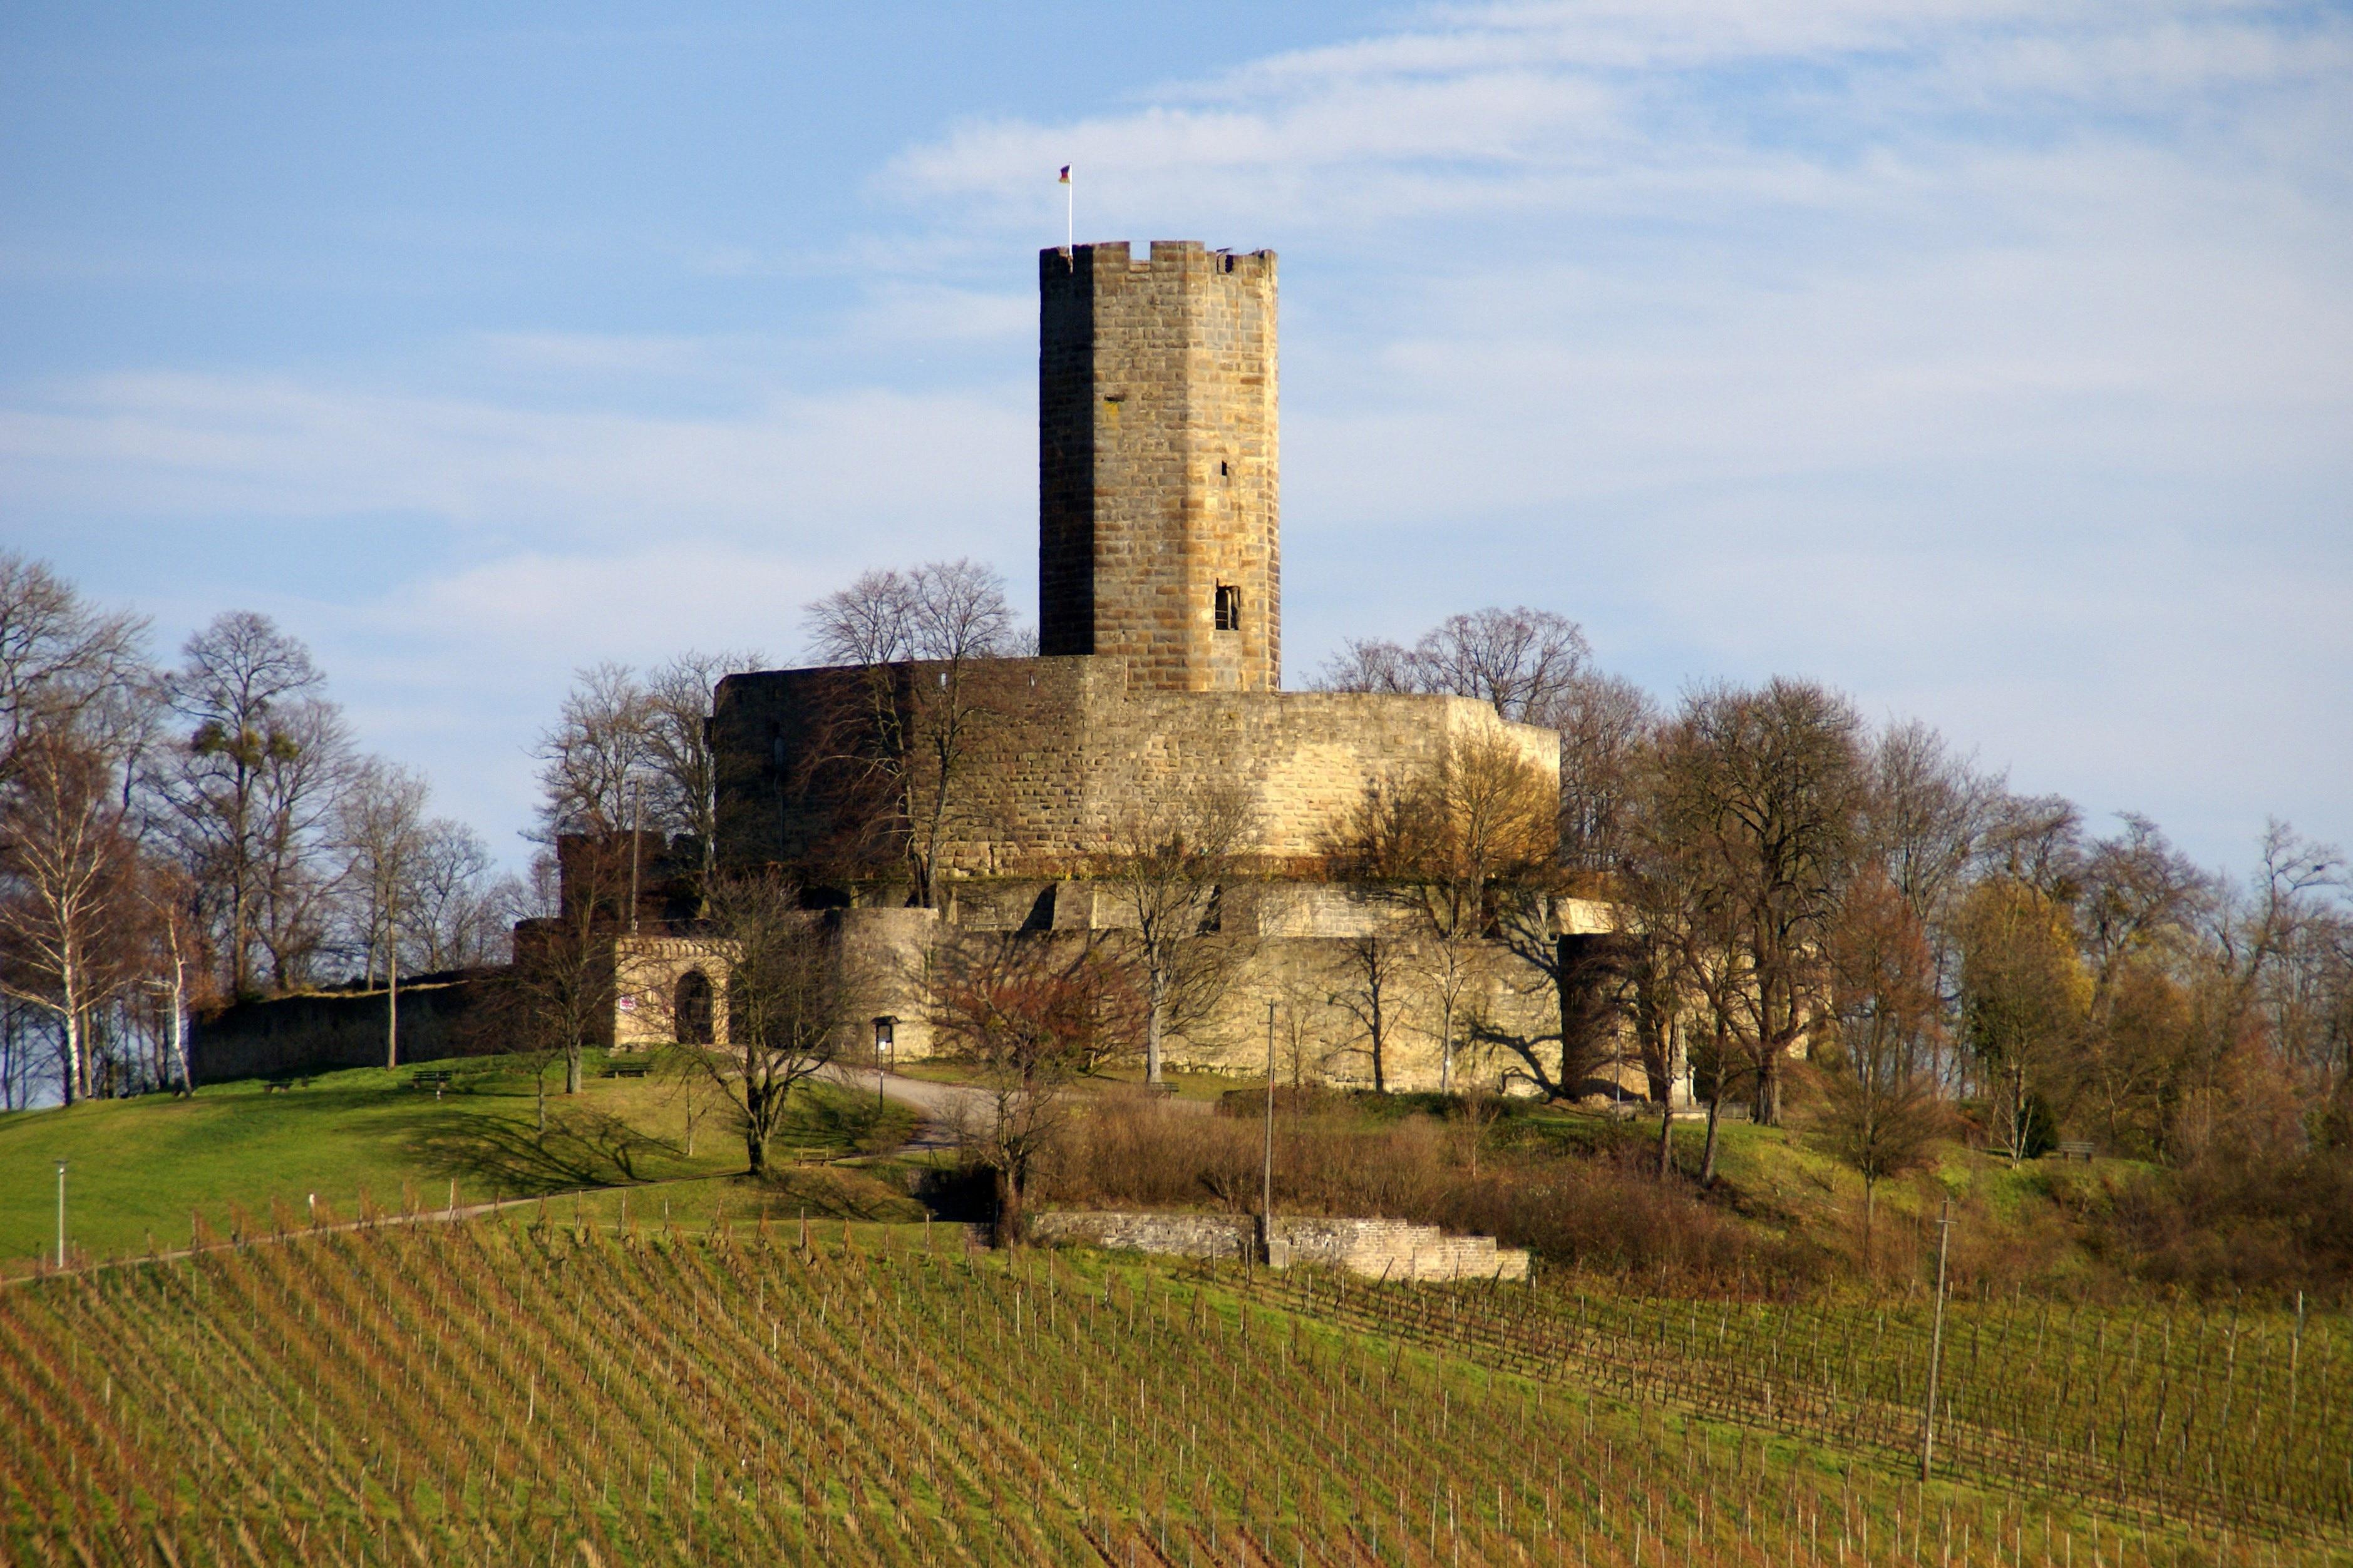 Sinsheim, Baden-Württemberg, Germany